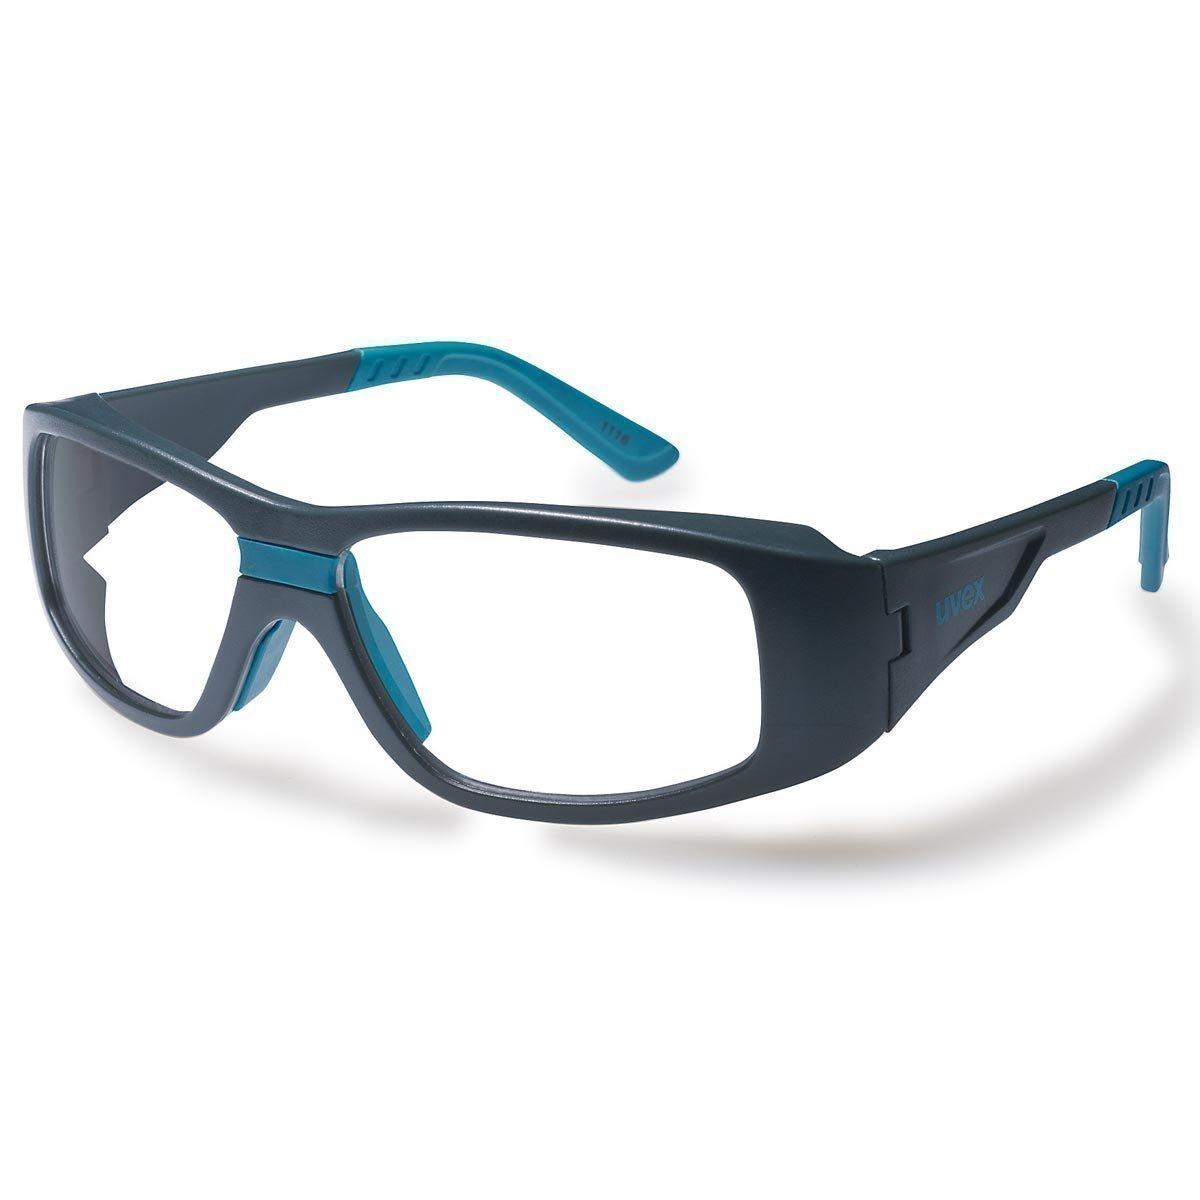 Uvex Korrektionsschutzbrille RX sp 5519 - Keine Entspiegelung